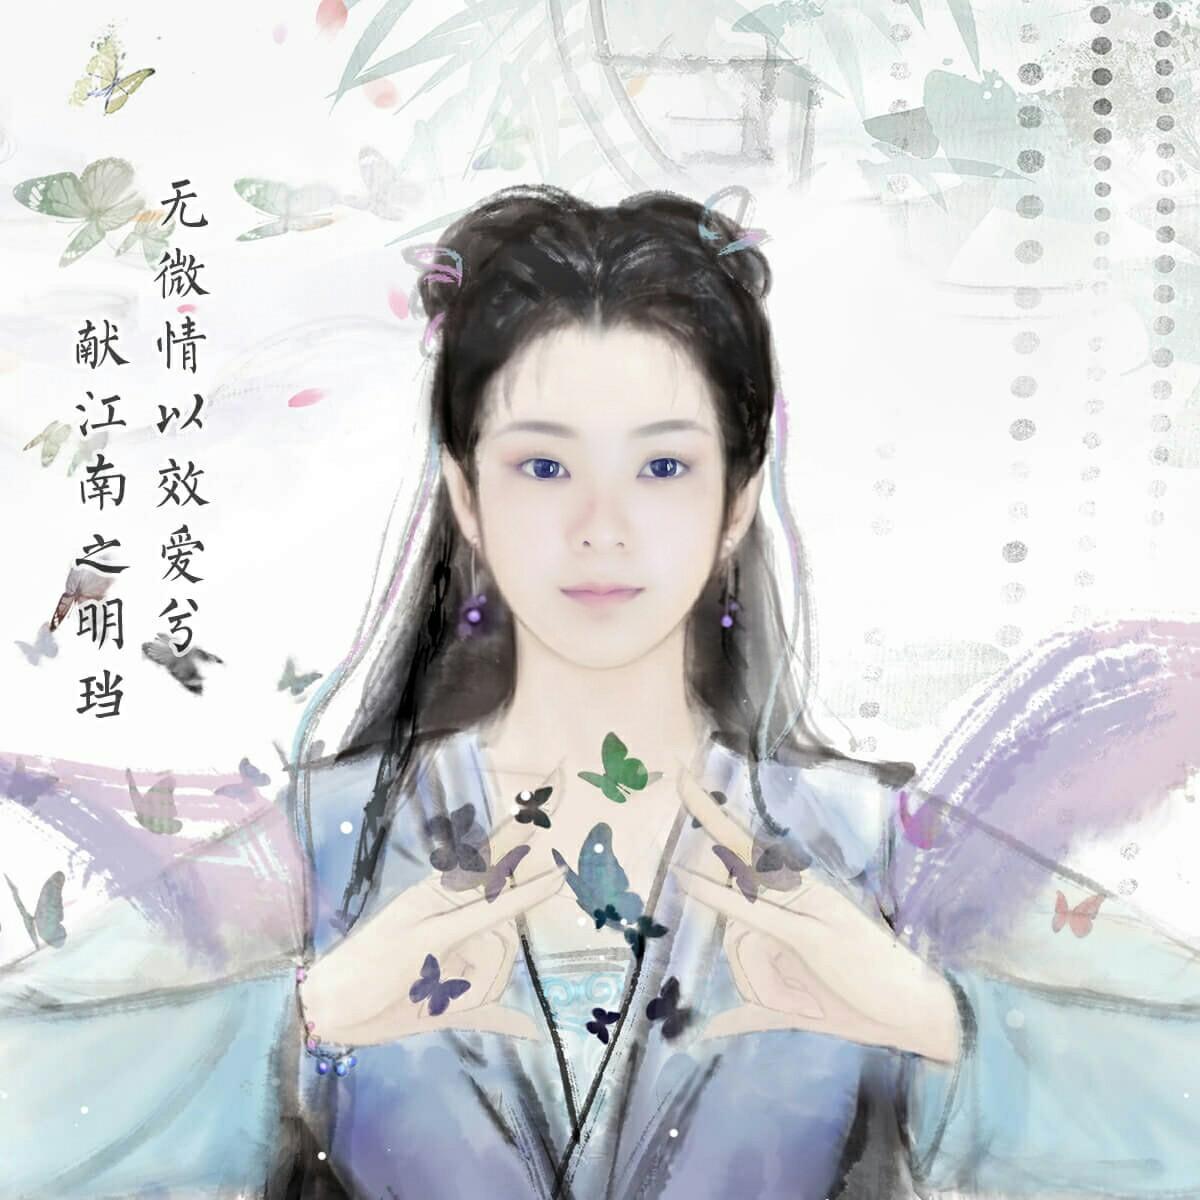 女��(��yi-9��y�_馒头_z2yirc9rff